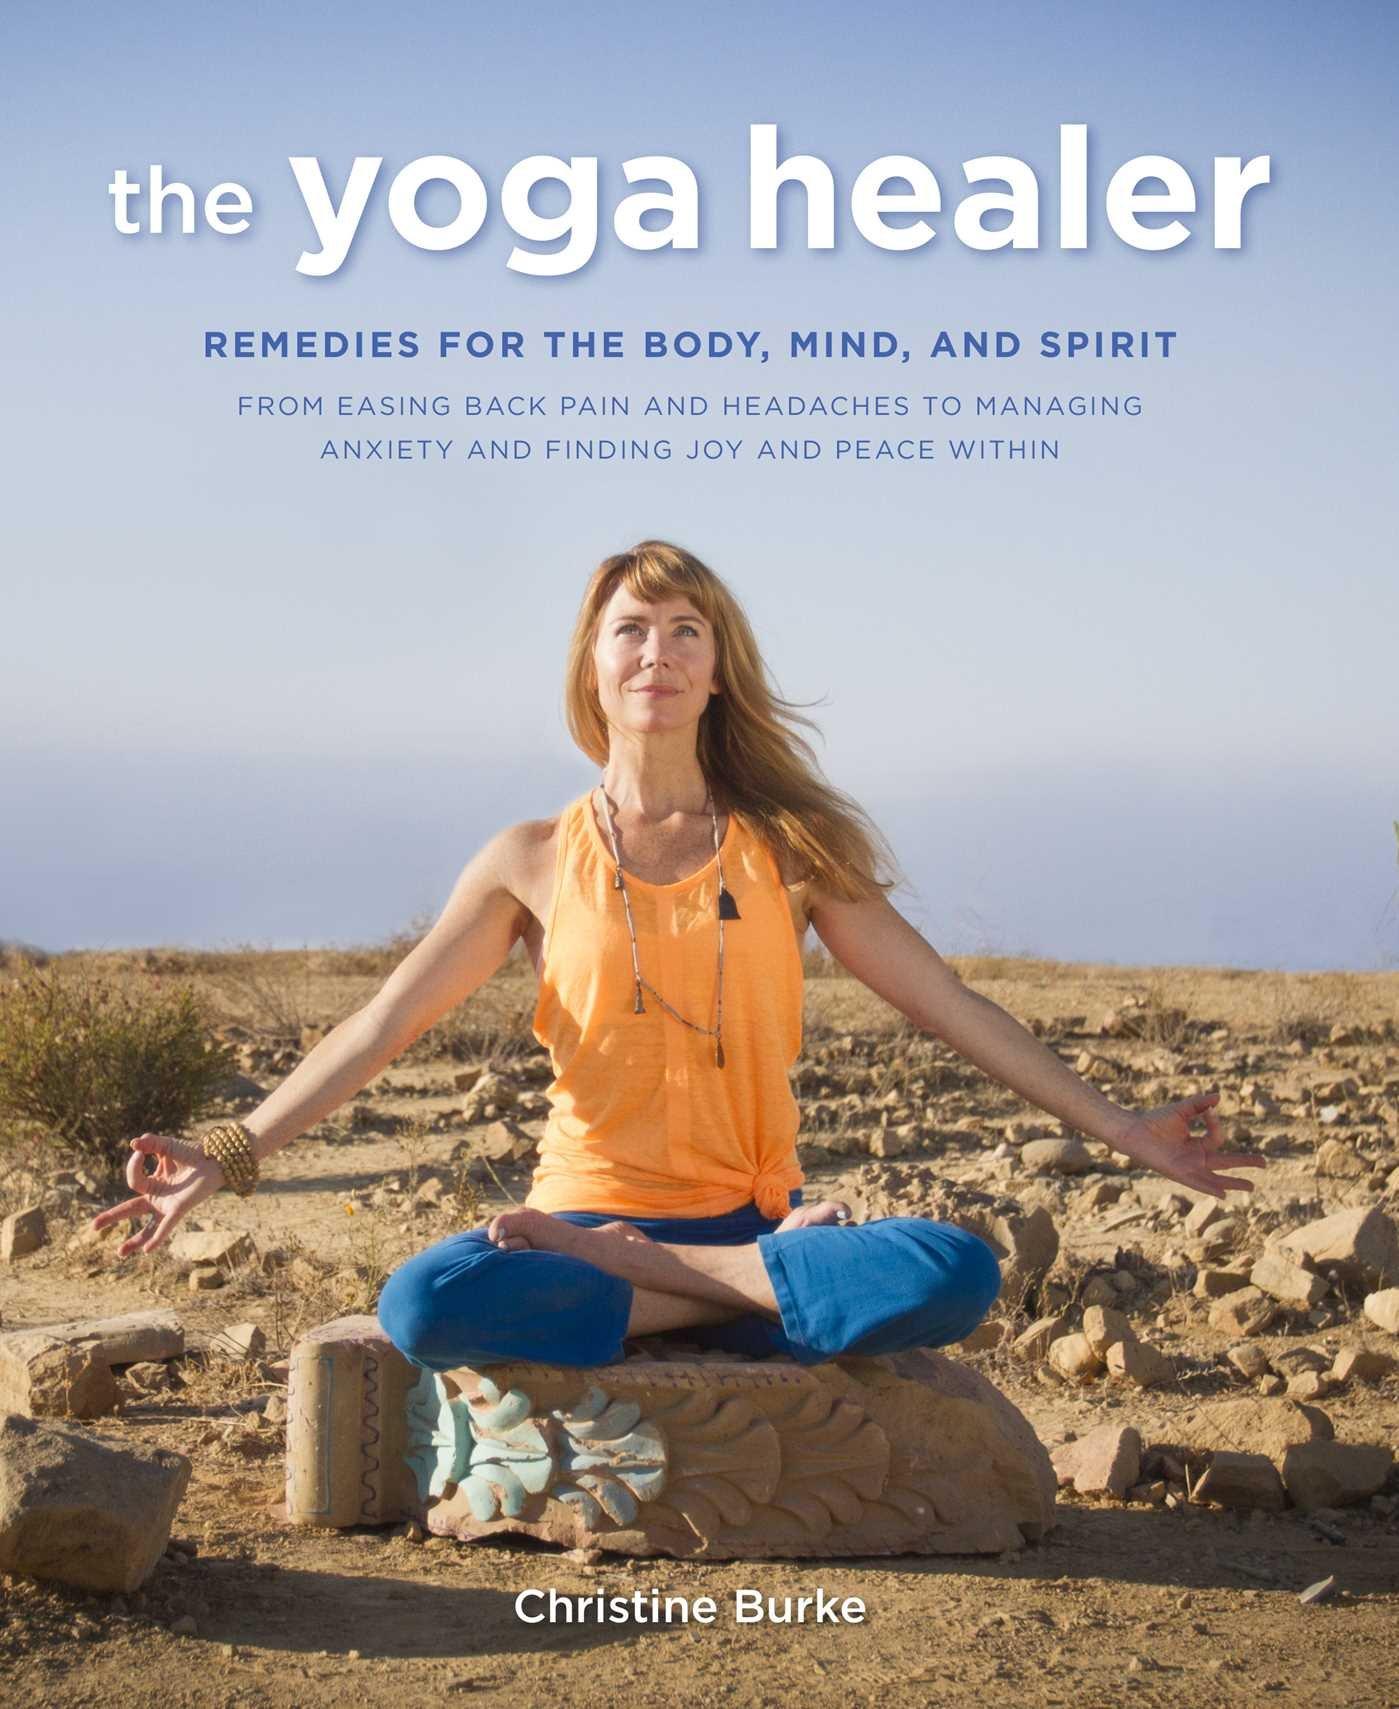 The Yoga Healer by Christine Burke